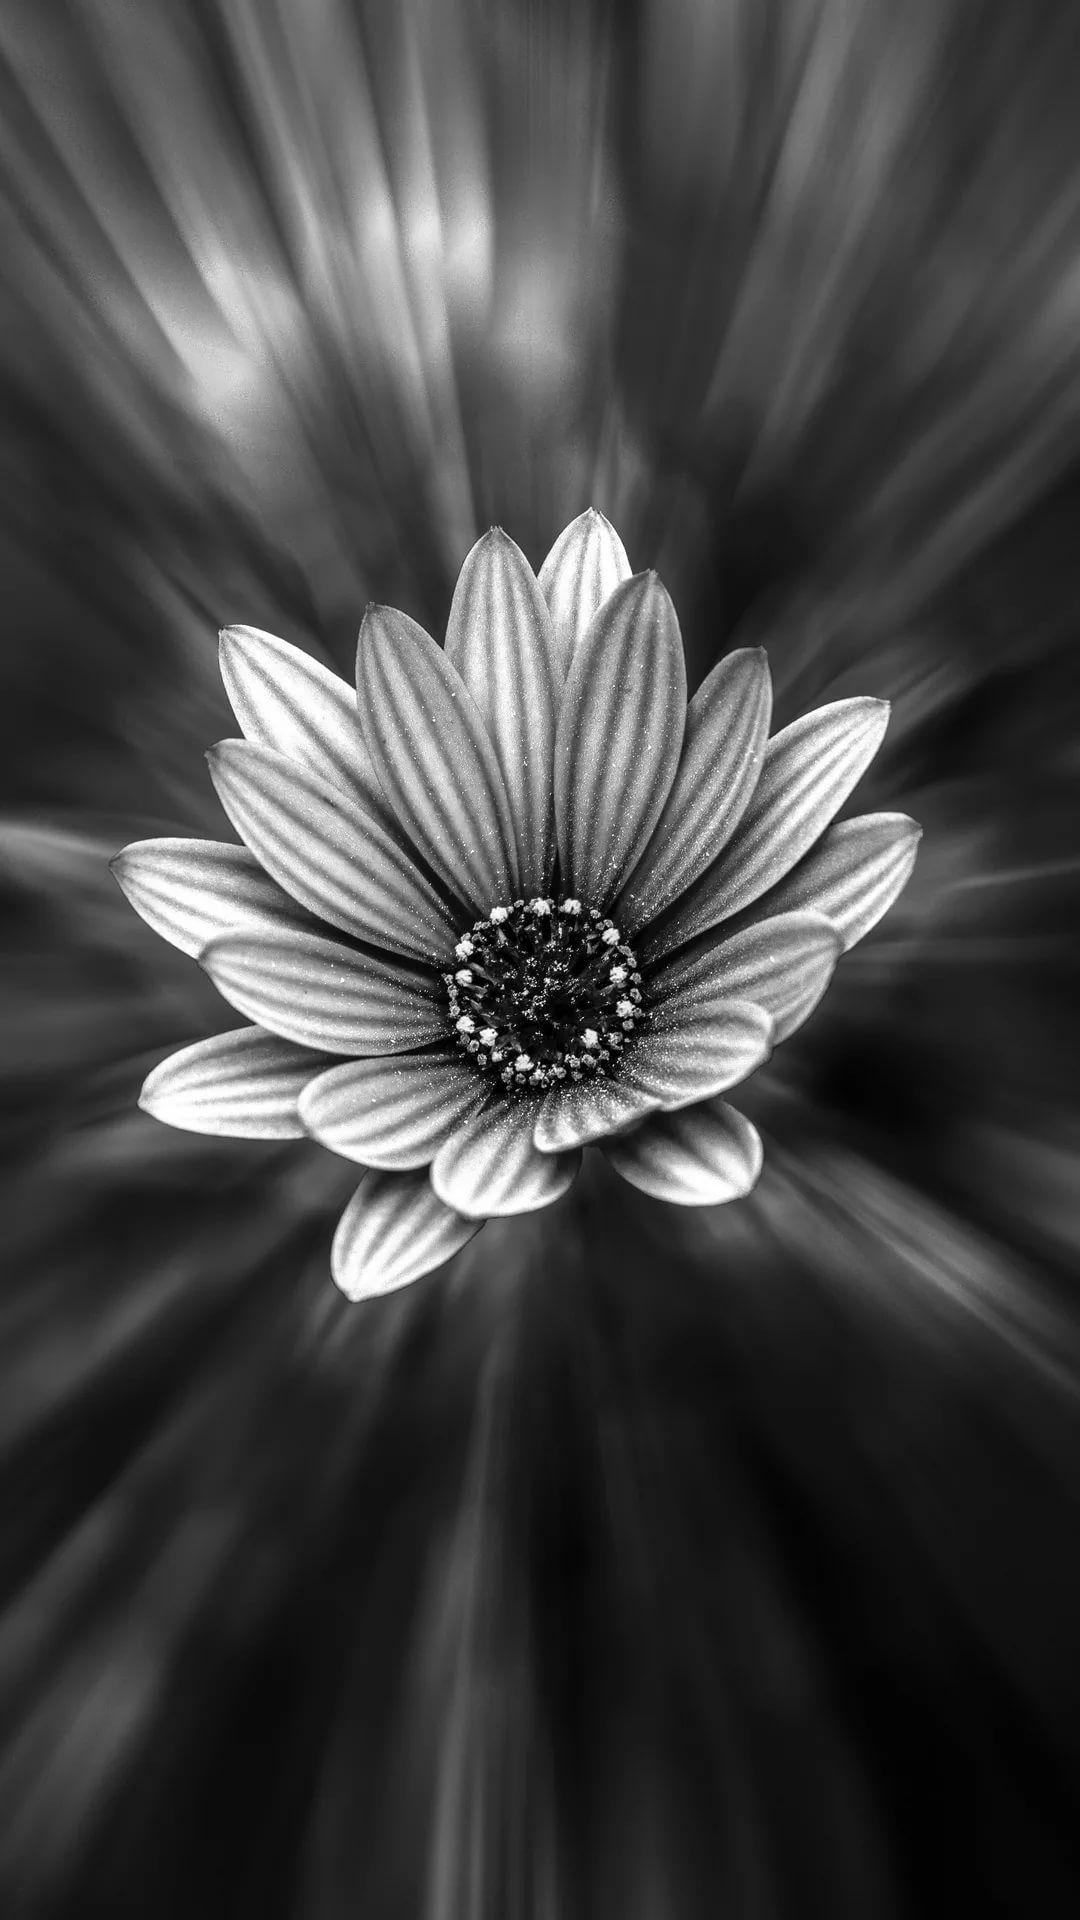 Black And White Flower S7 Edge Wallpaper Flower Wallpaper Hd Iphone 1080x1920 Download Hd Wallpaper Wallpapertip